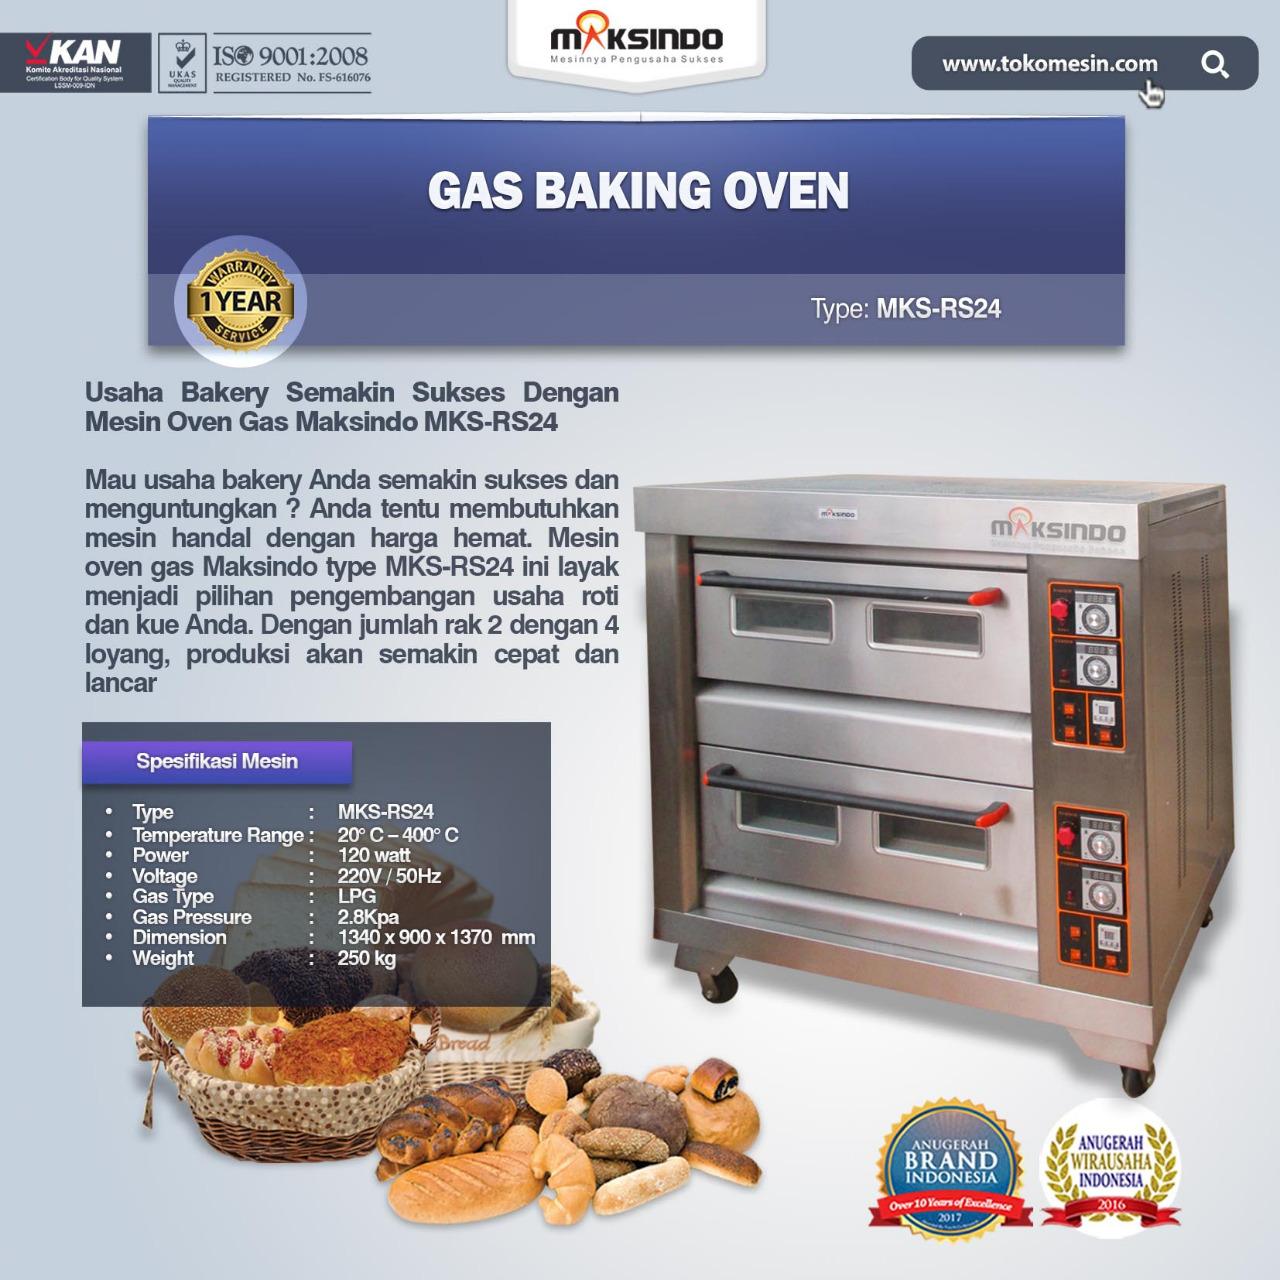 Jual Mesin Oven Roti Gas 4 Loyang (MKS-RS24) di Medan